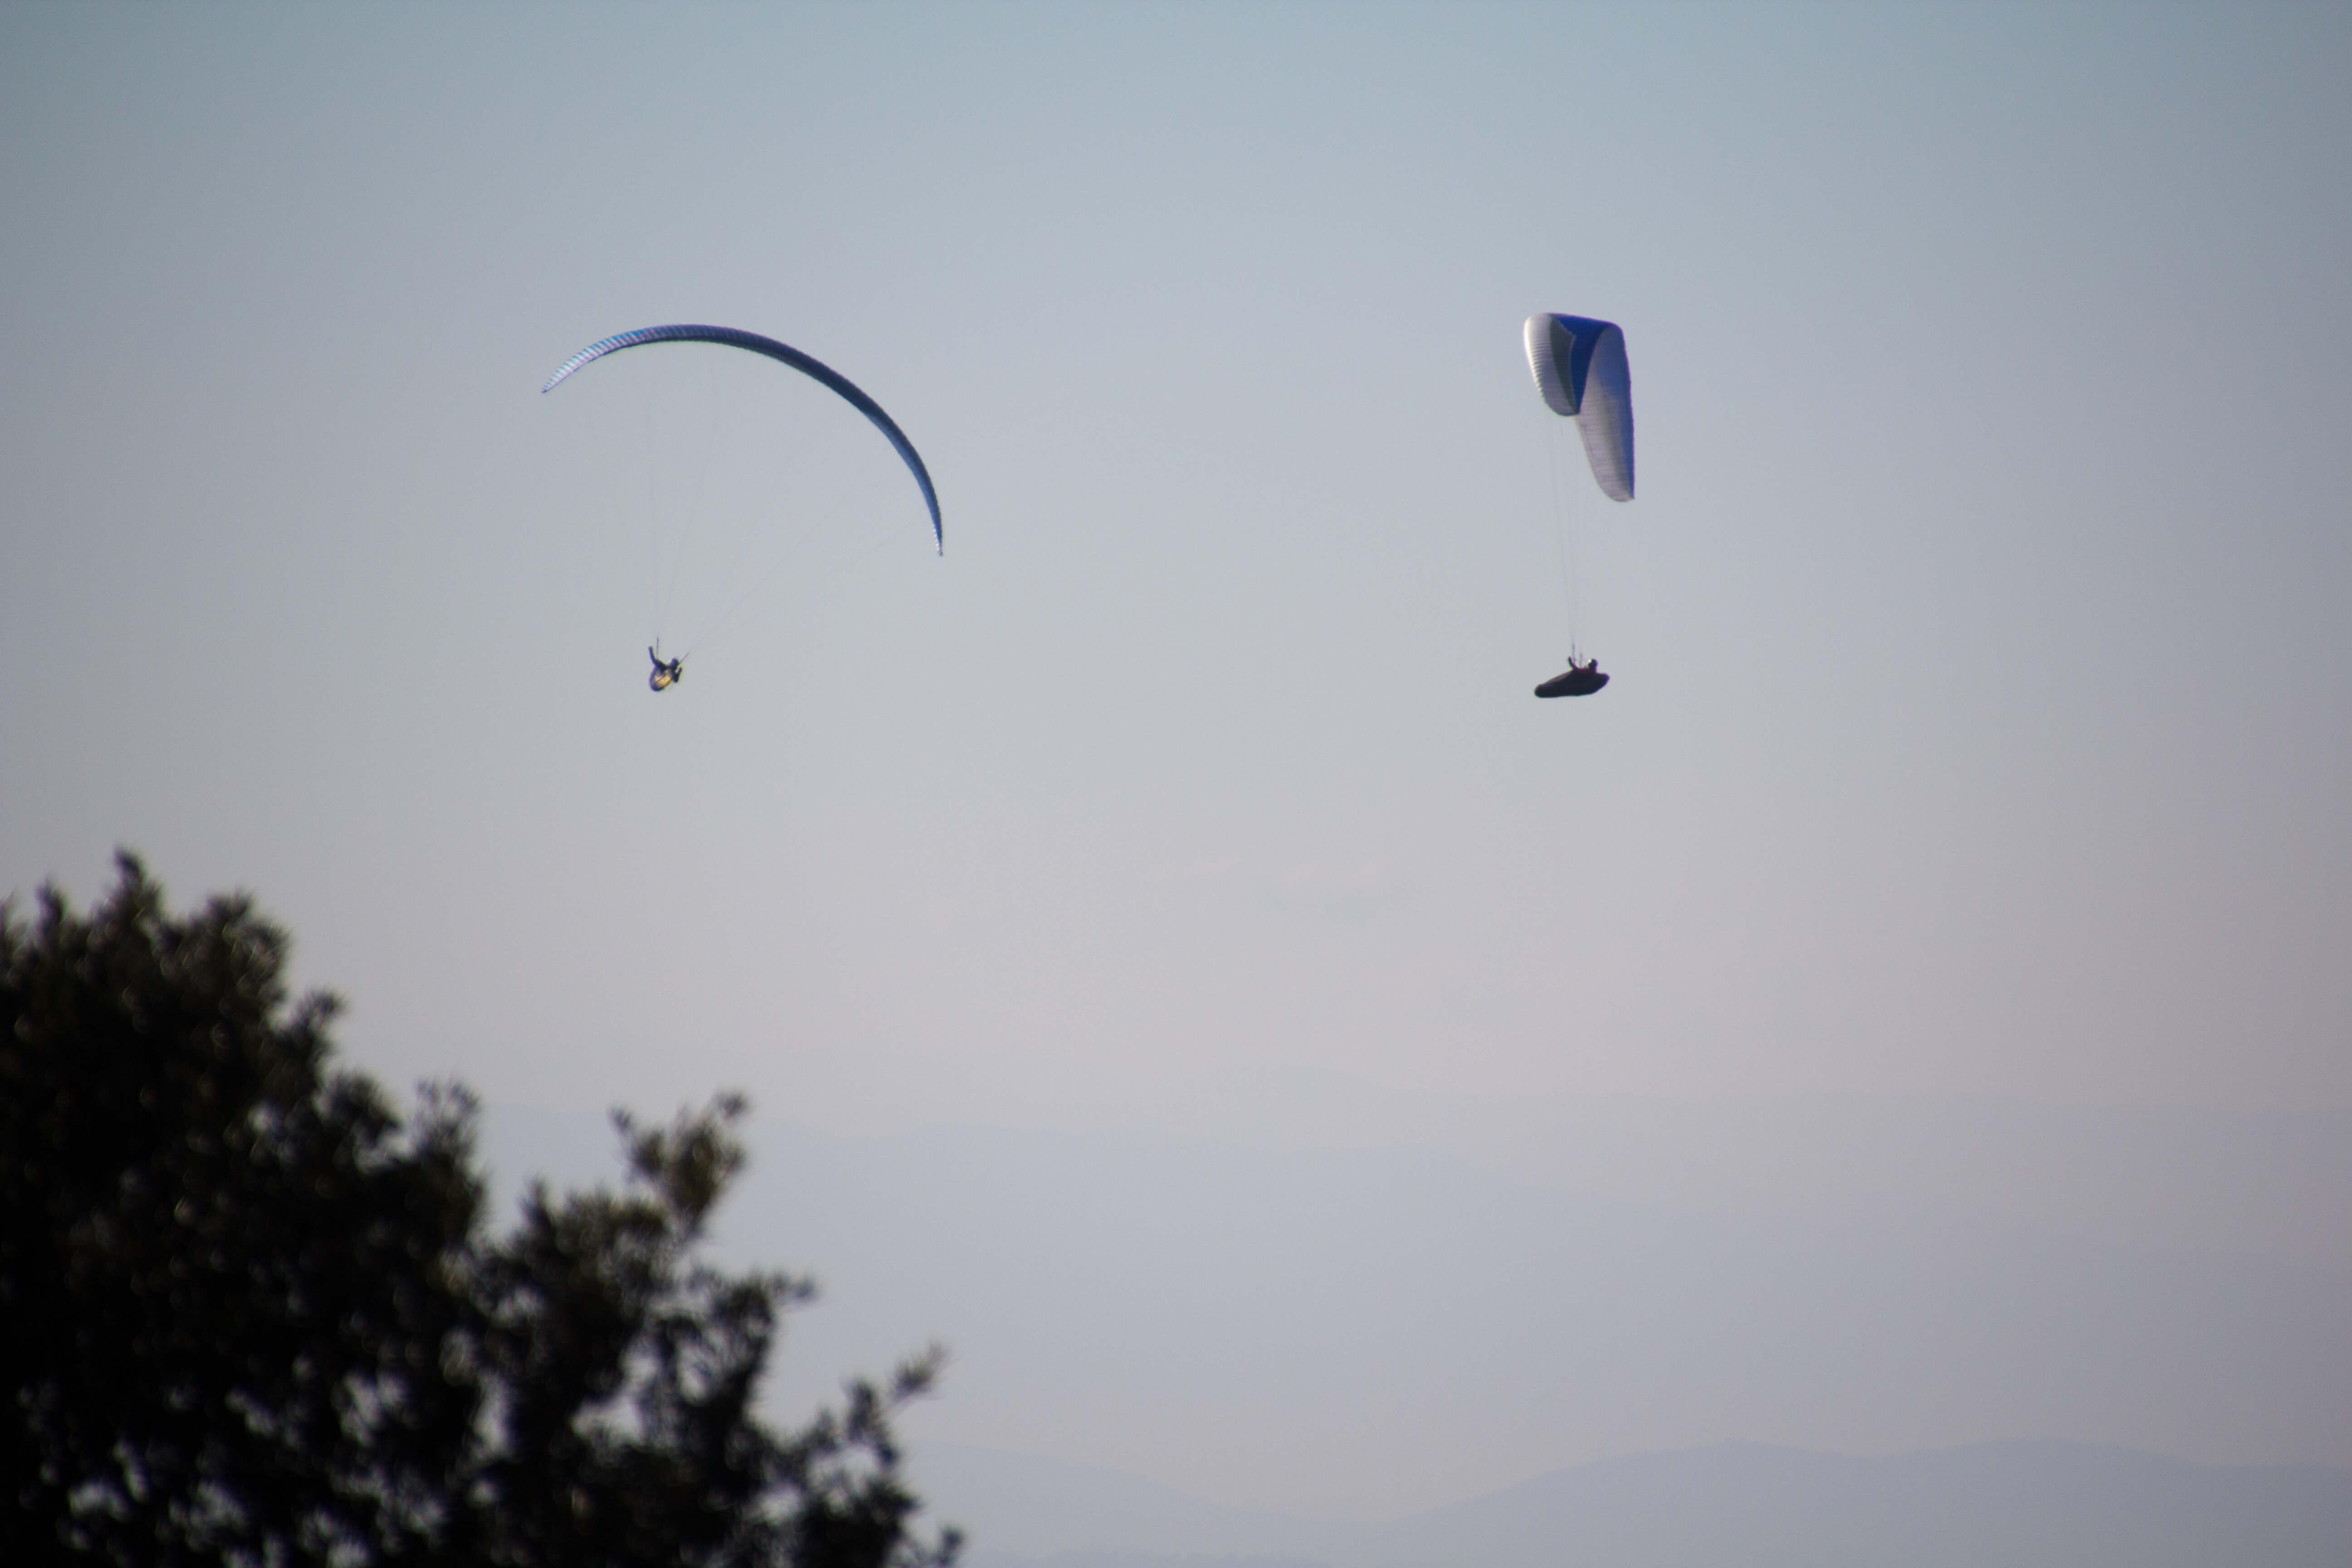 des parapentistes se régalent dans ce ciel de novembre